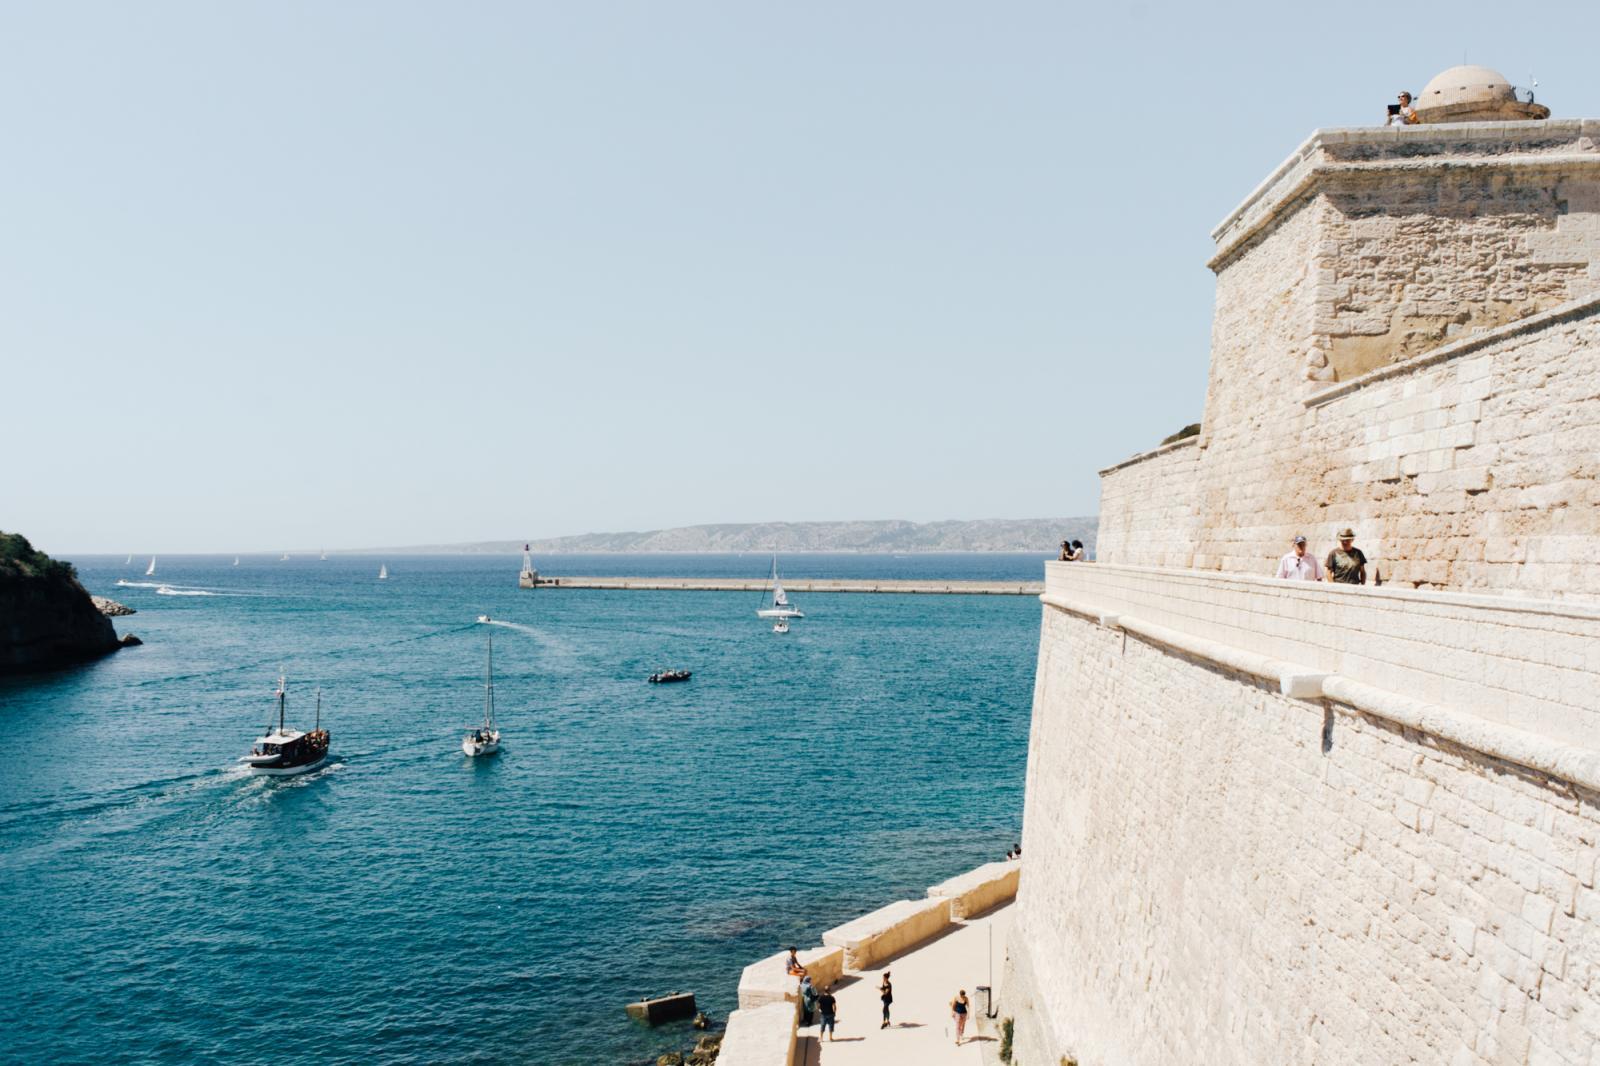 vue sur les îles Frioul et le château d'If